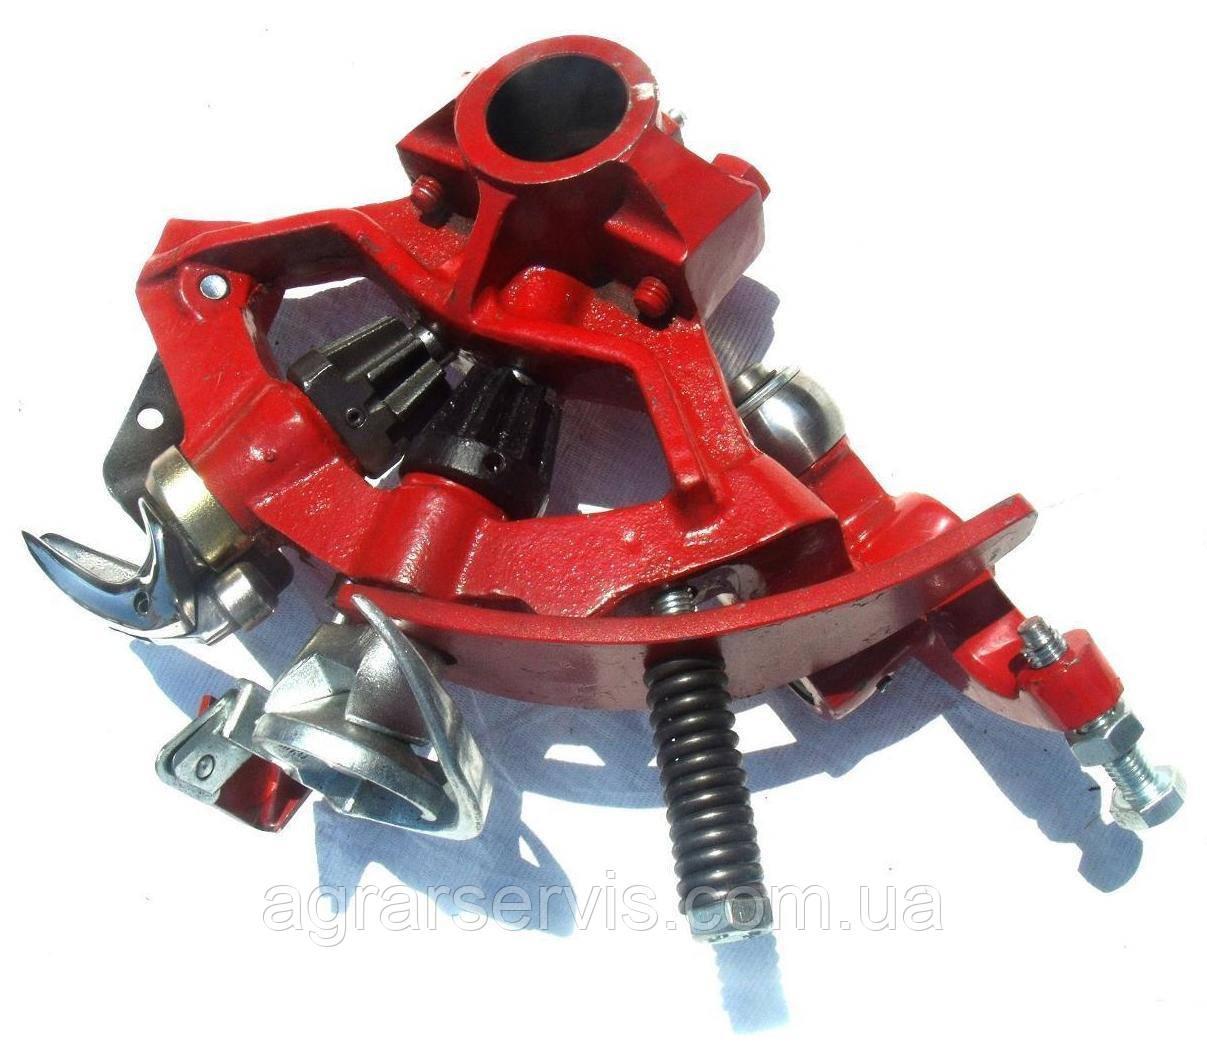 У язальний апарат 1105230000 Fi-35 mm прес-підбирача Welger